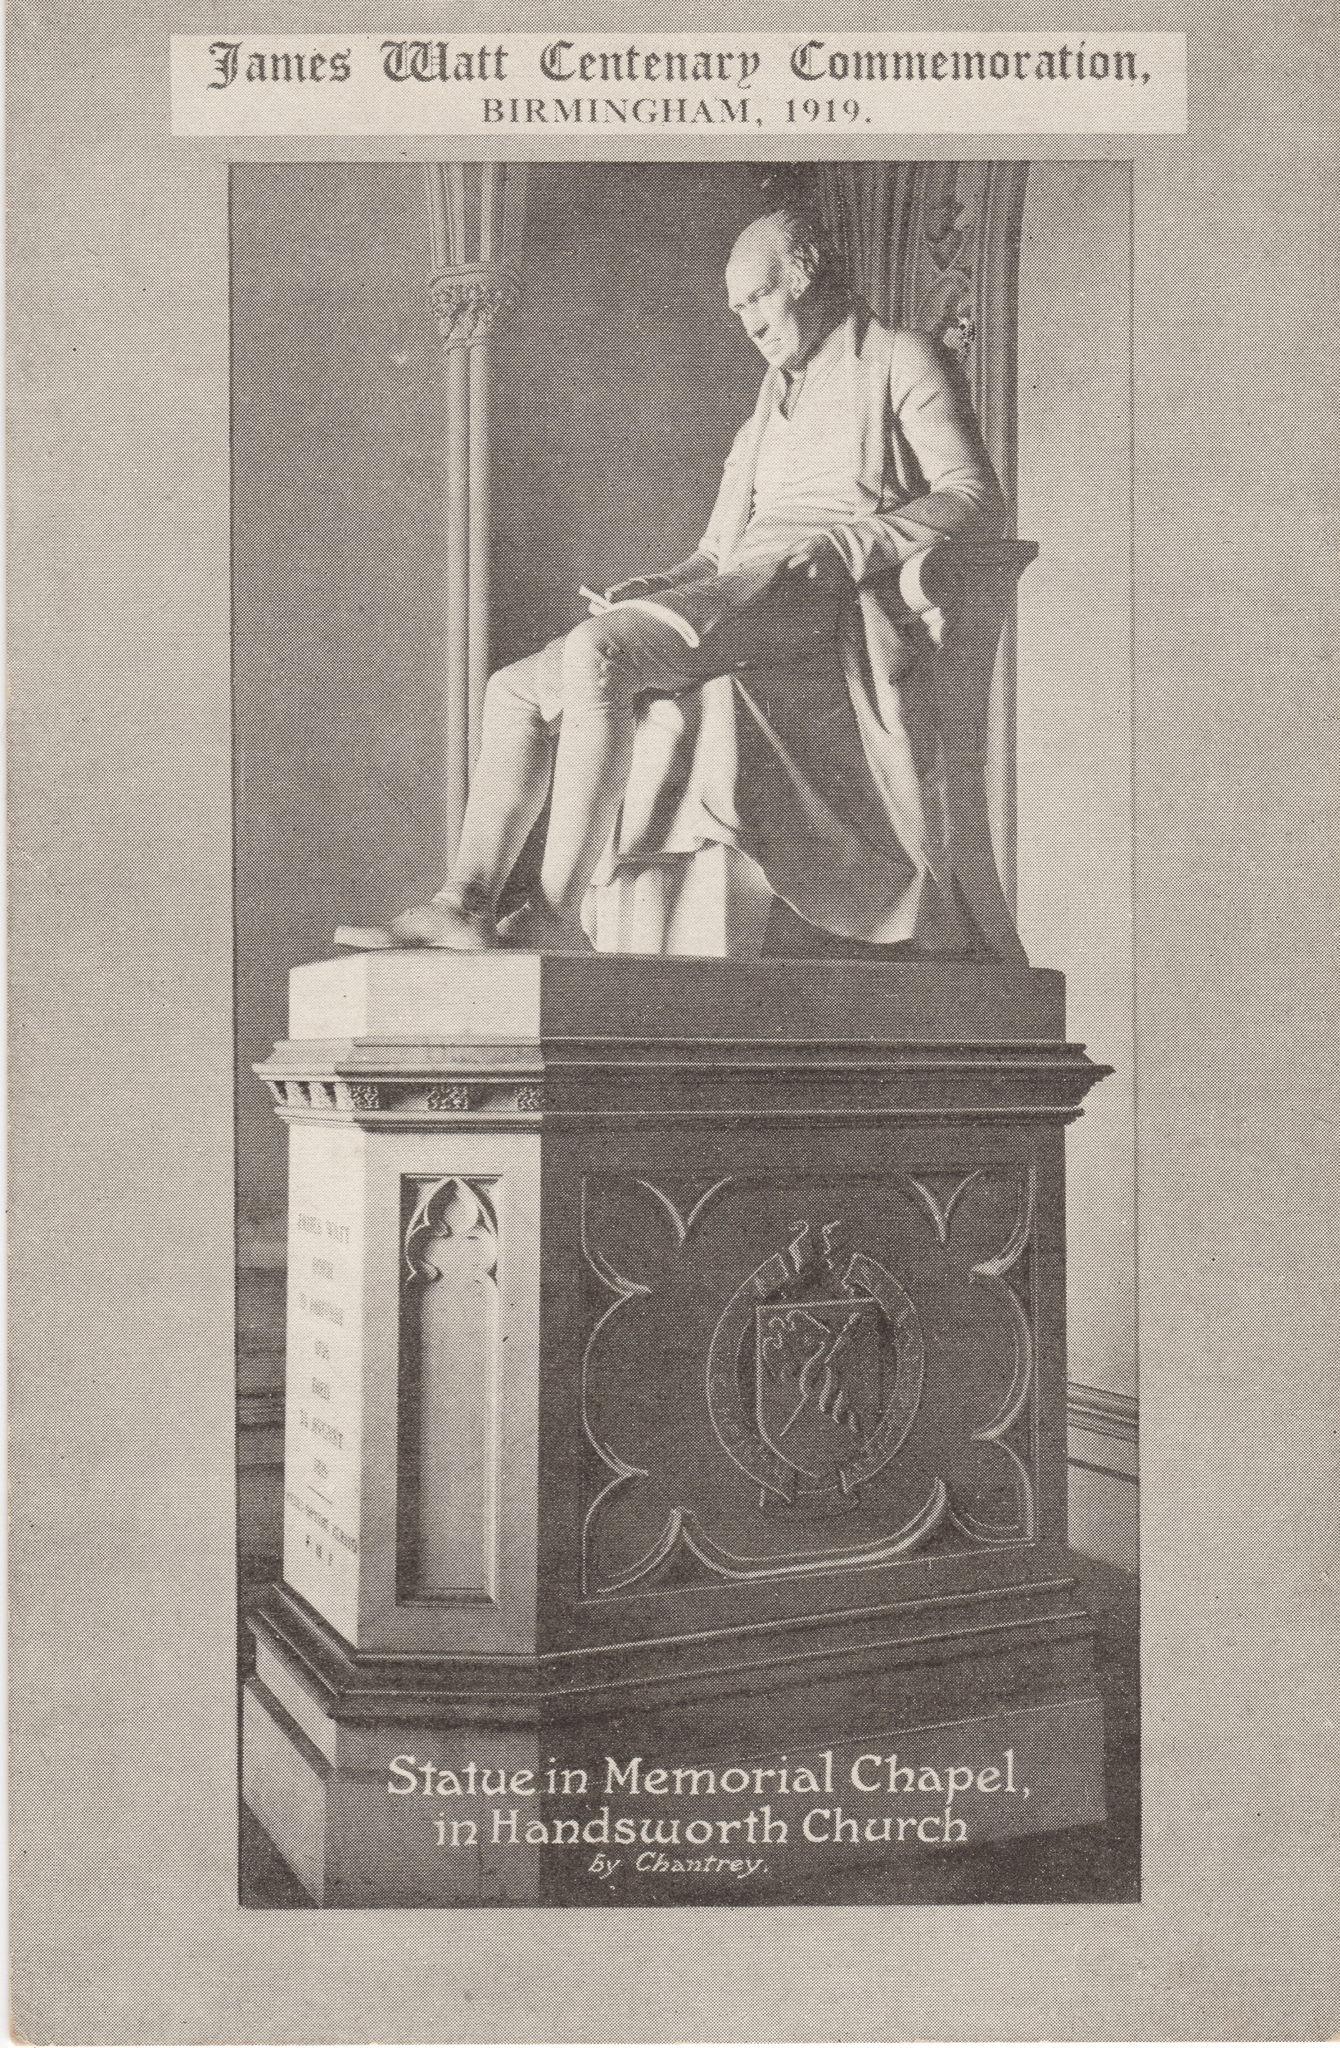 Statue in Memorial Chapel in Handsworth Church